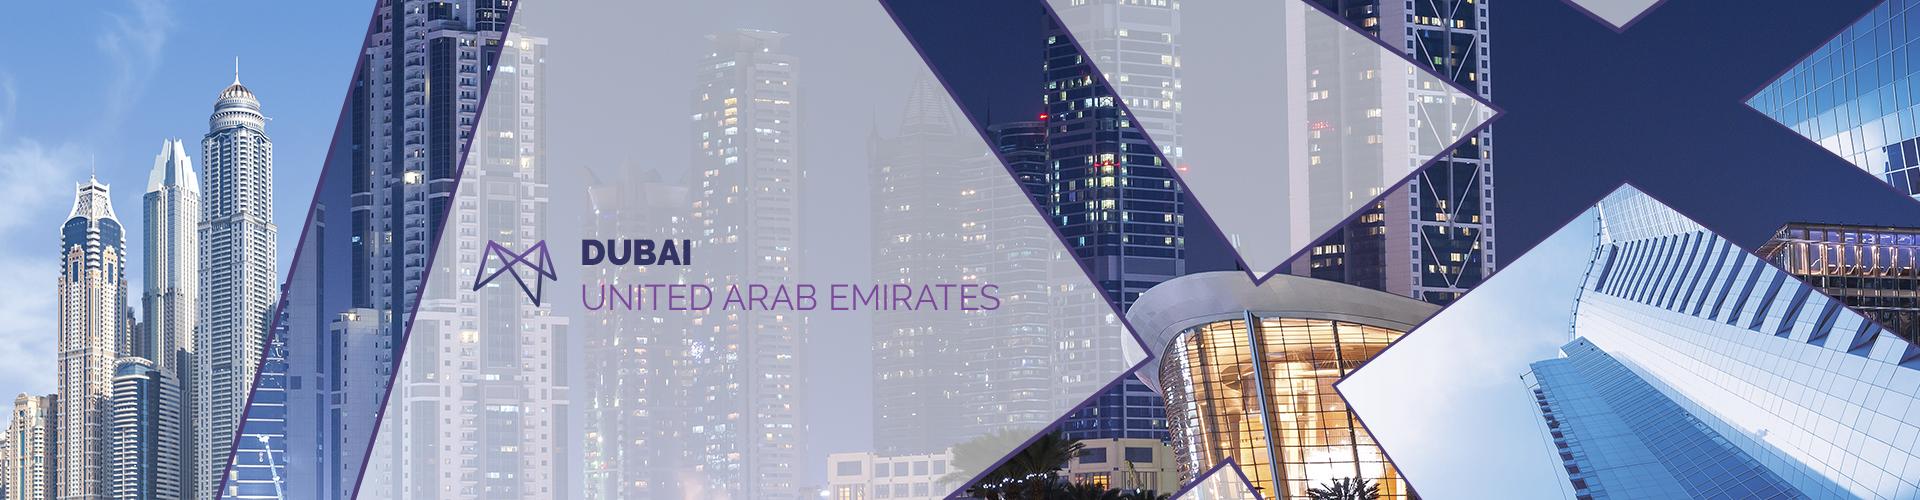 Marsden Group Banner Contact Dubai